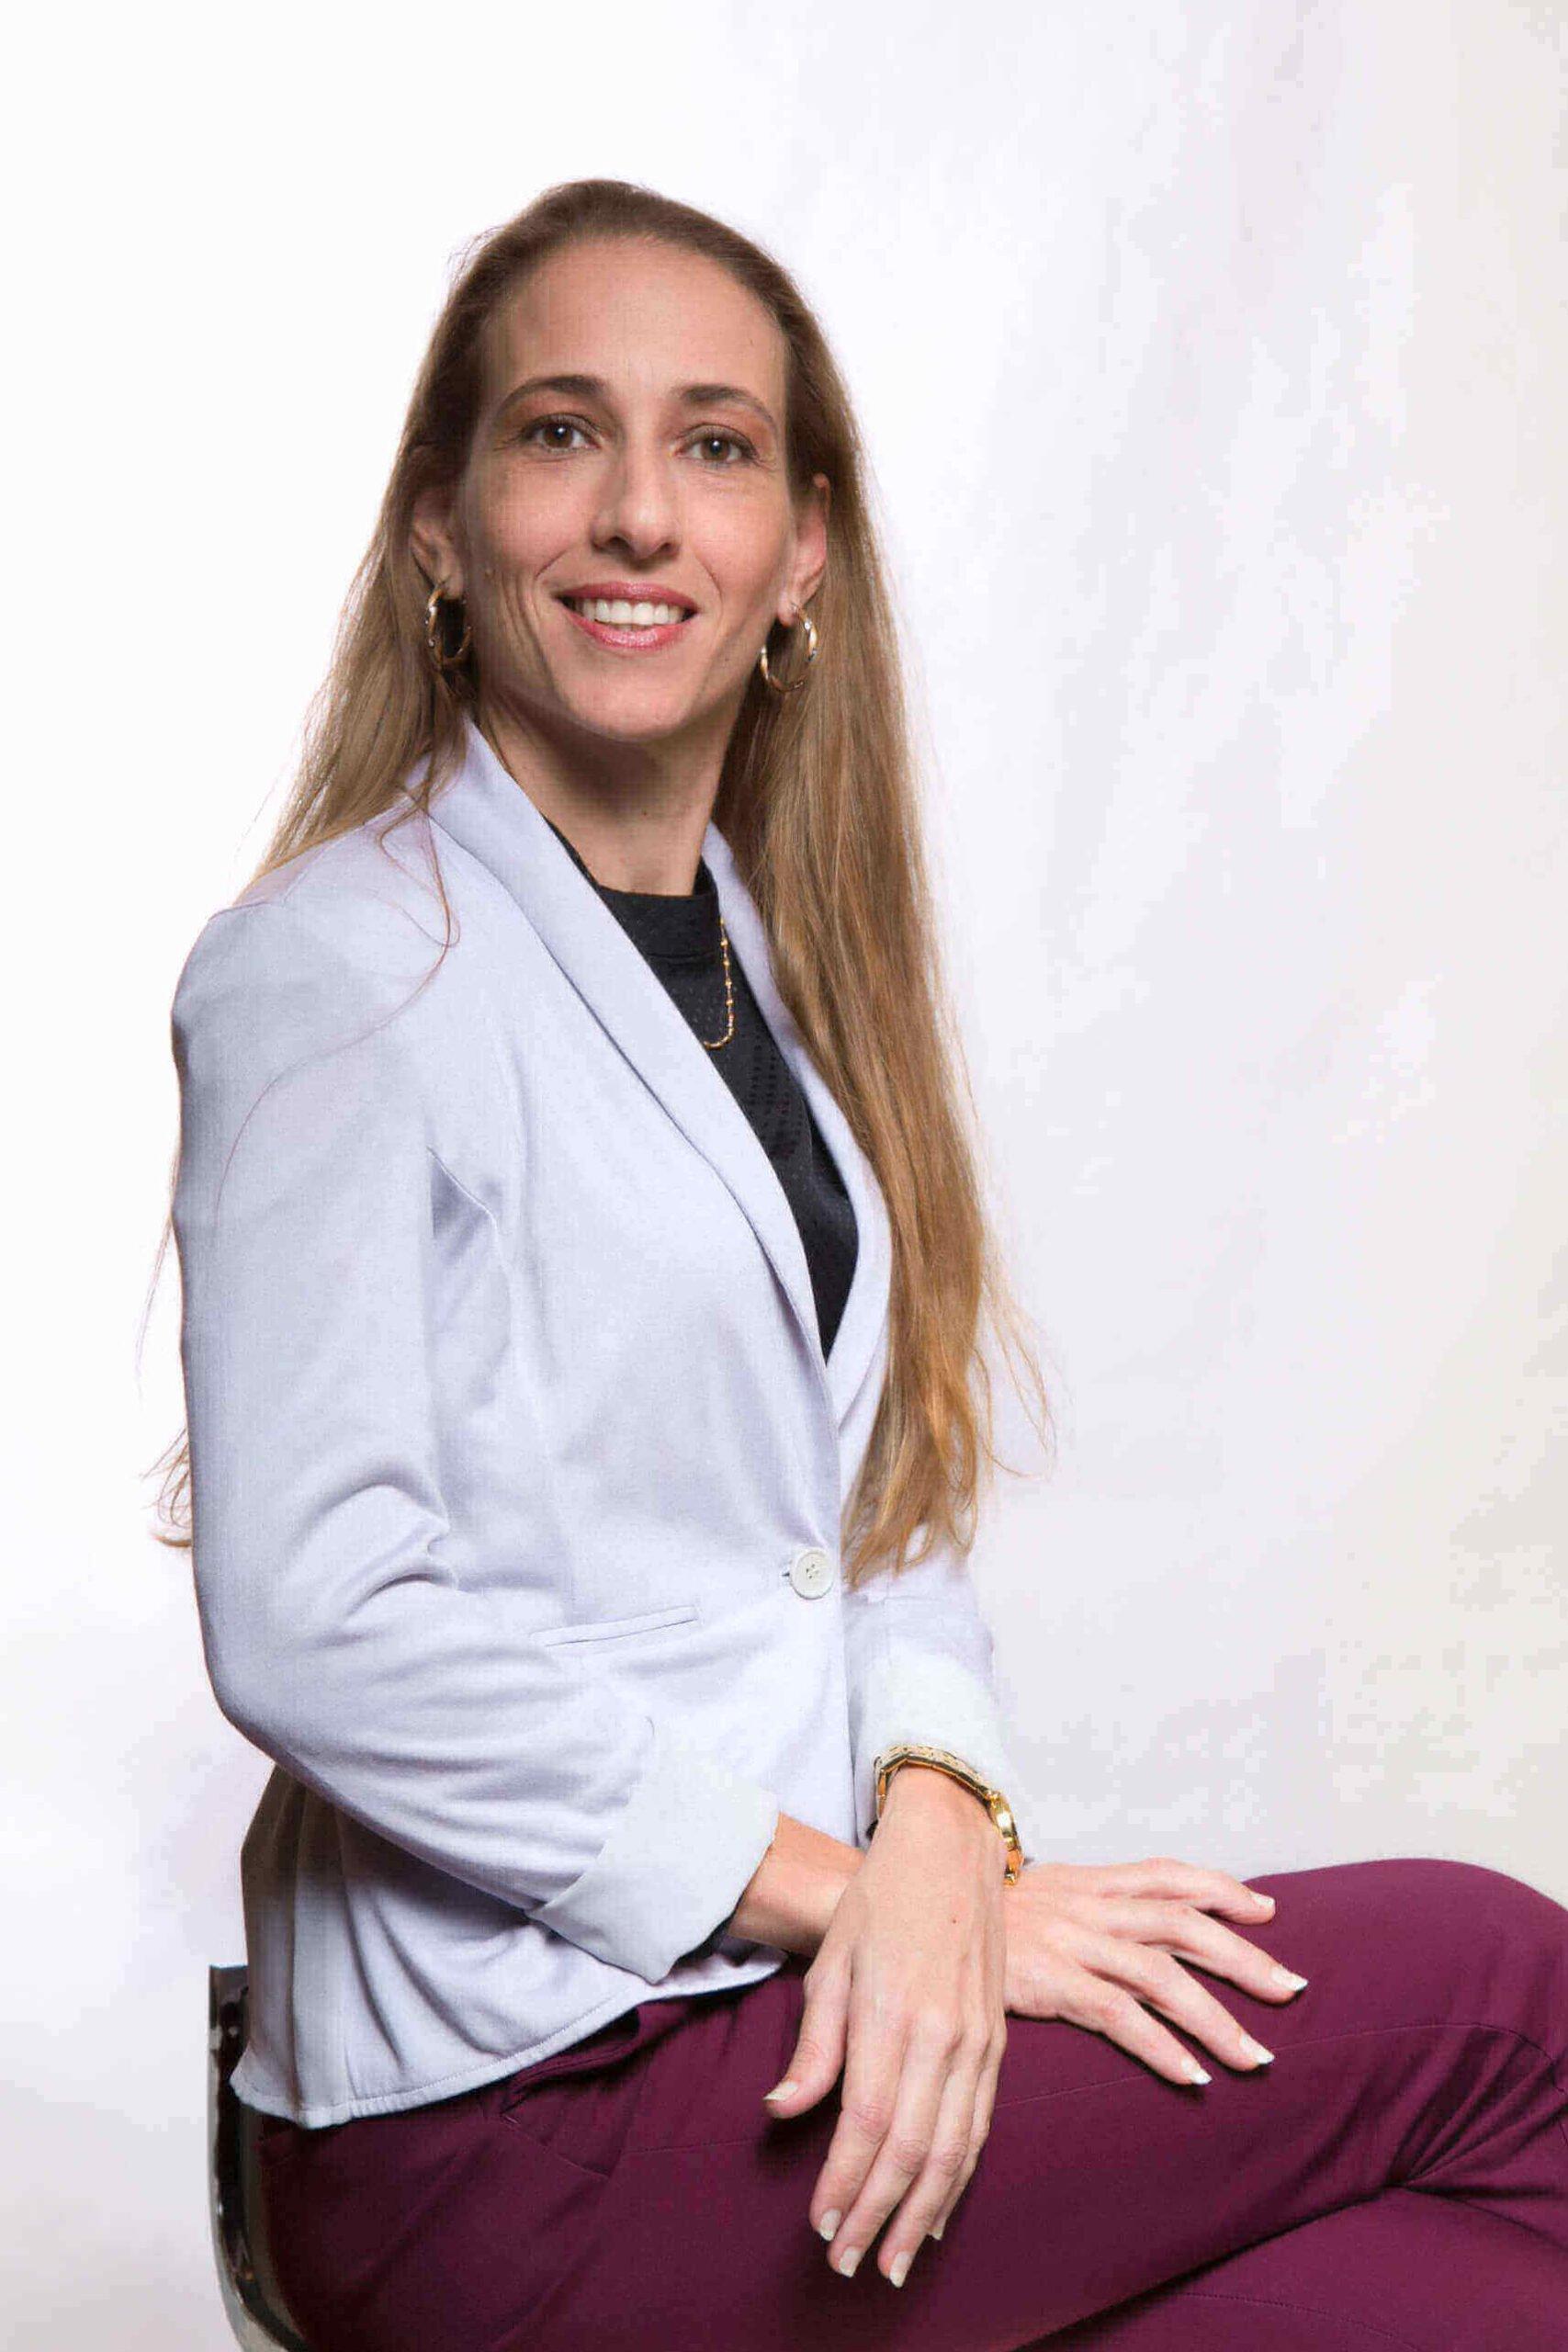 Moira Rosheuvel